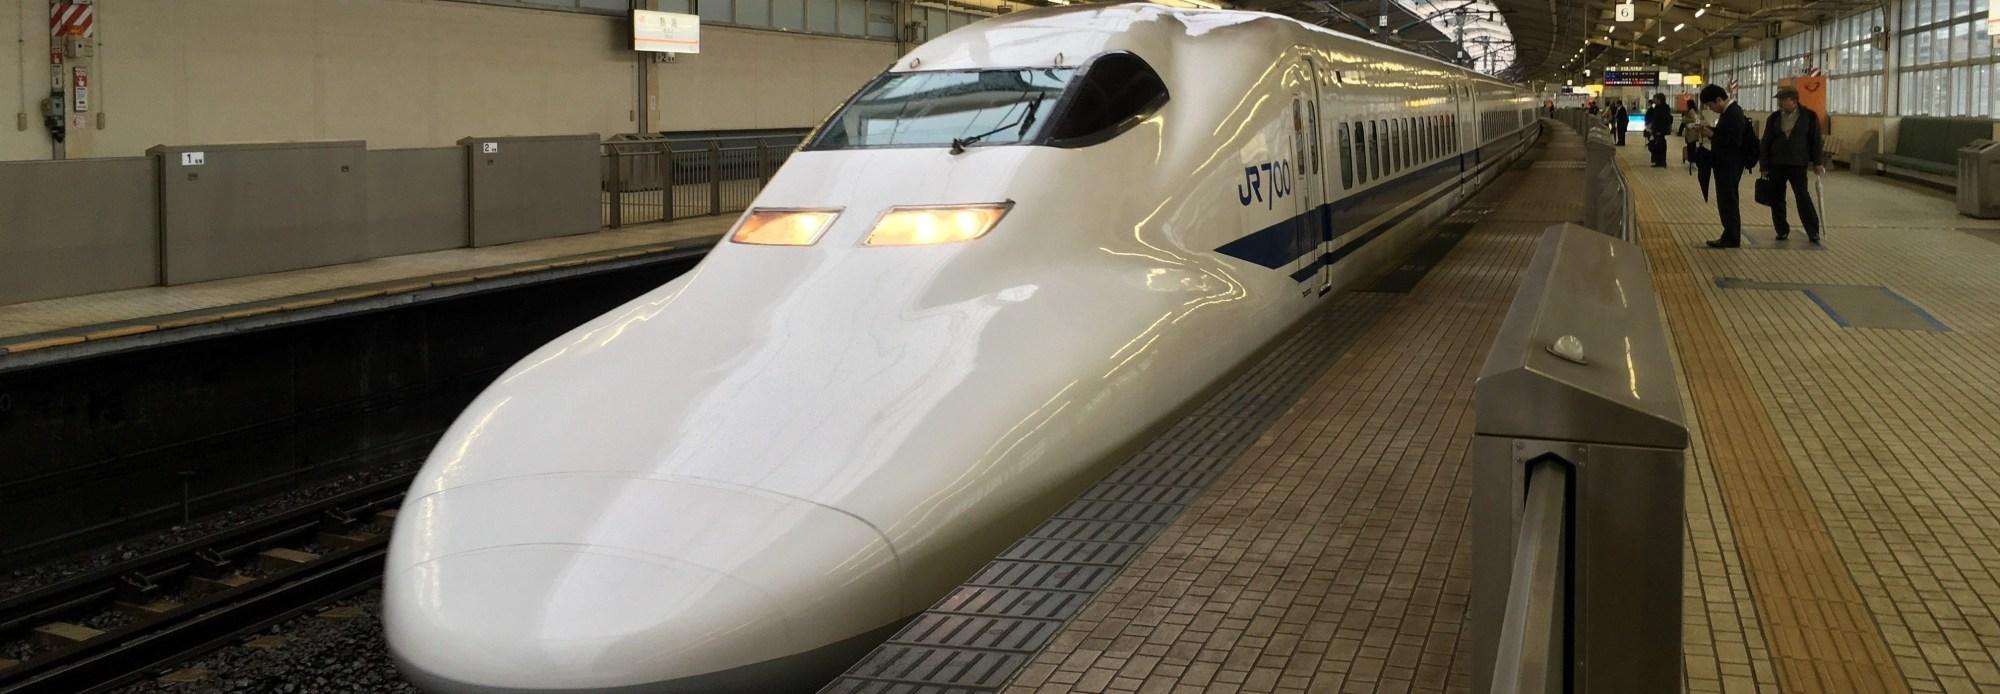 Tokaido Kodama Shinkansen pulls into Atami Station